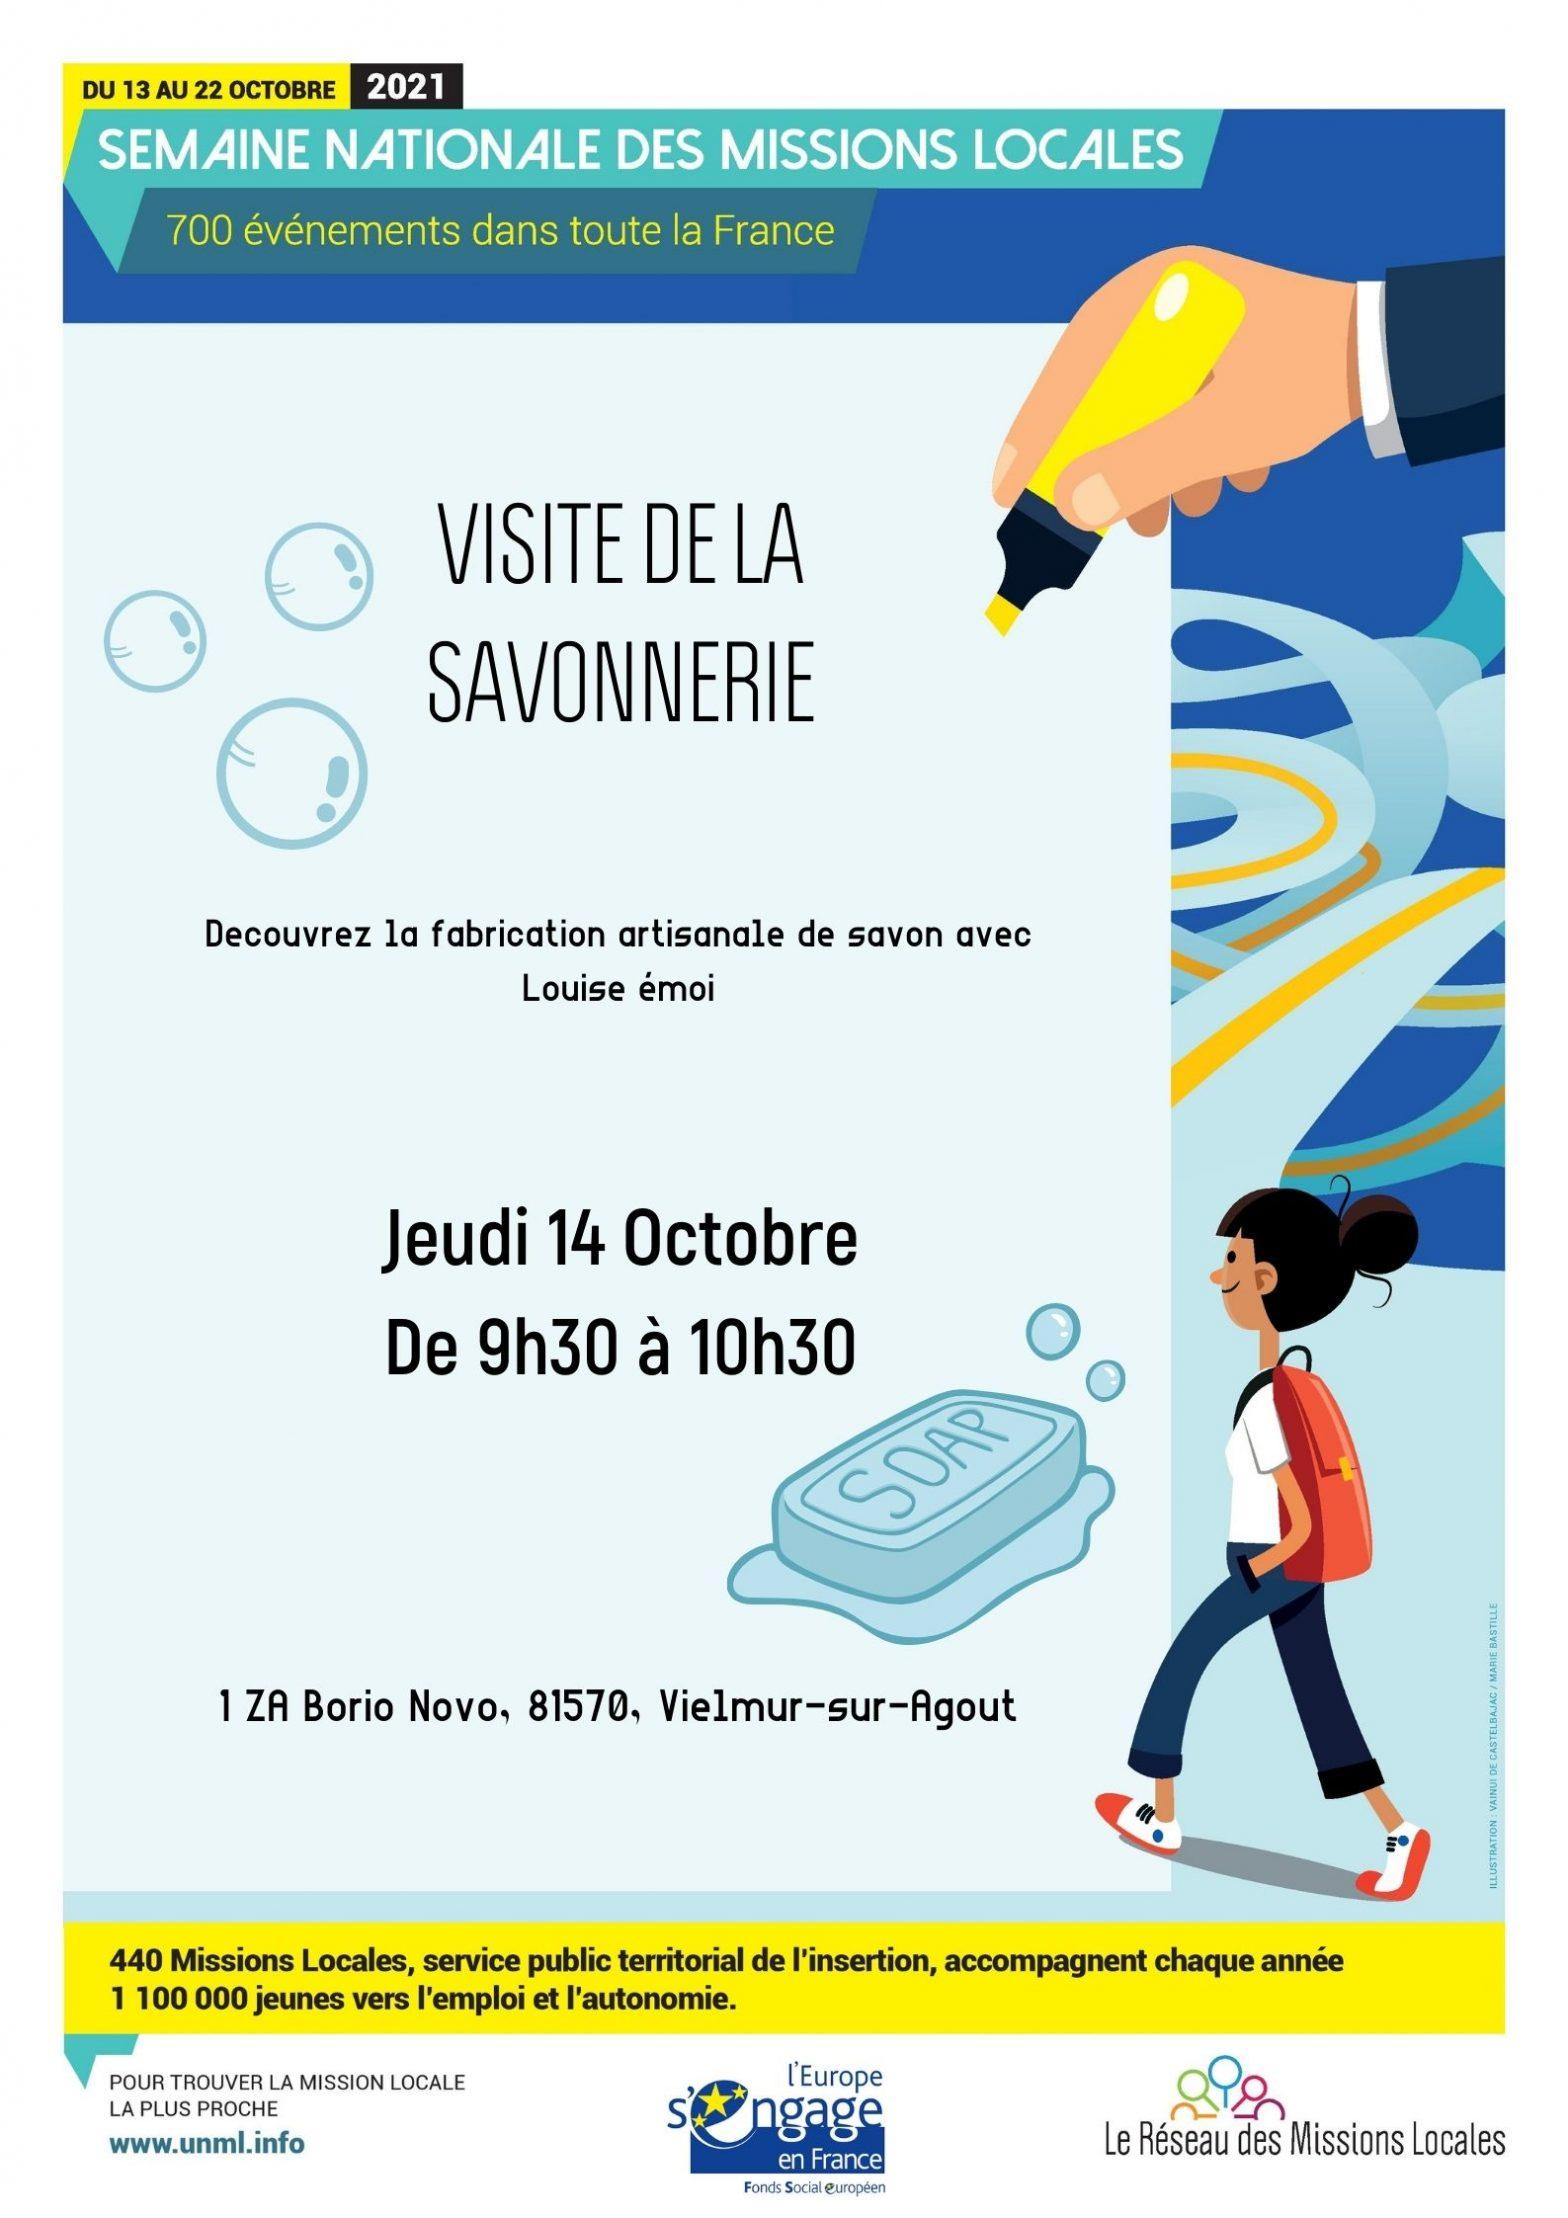 """VISITE DE LA SAVONNERIE ARTISANALE """"LOUISE ÉMOI""""  à Vielmur sur Agoût (81)."""